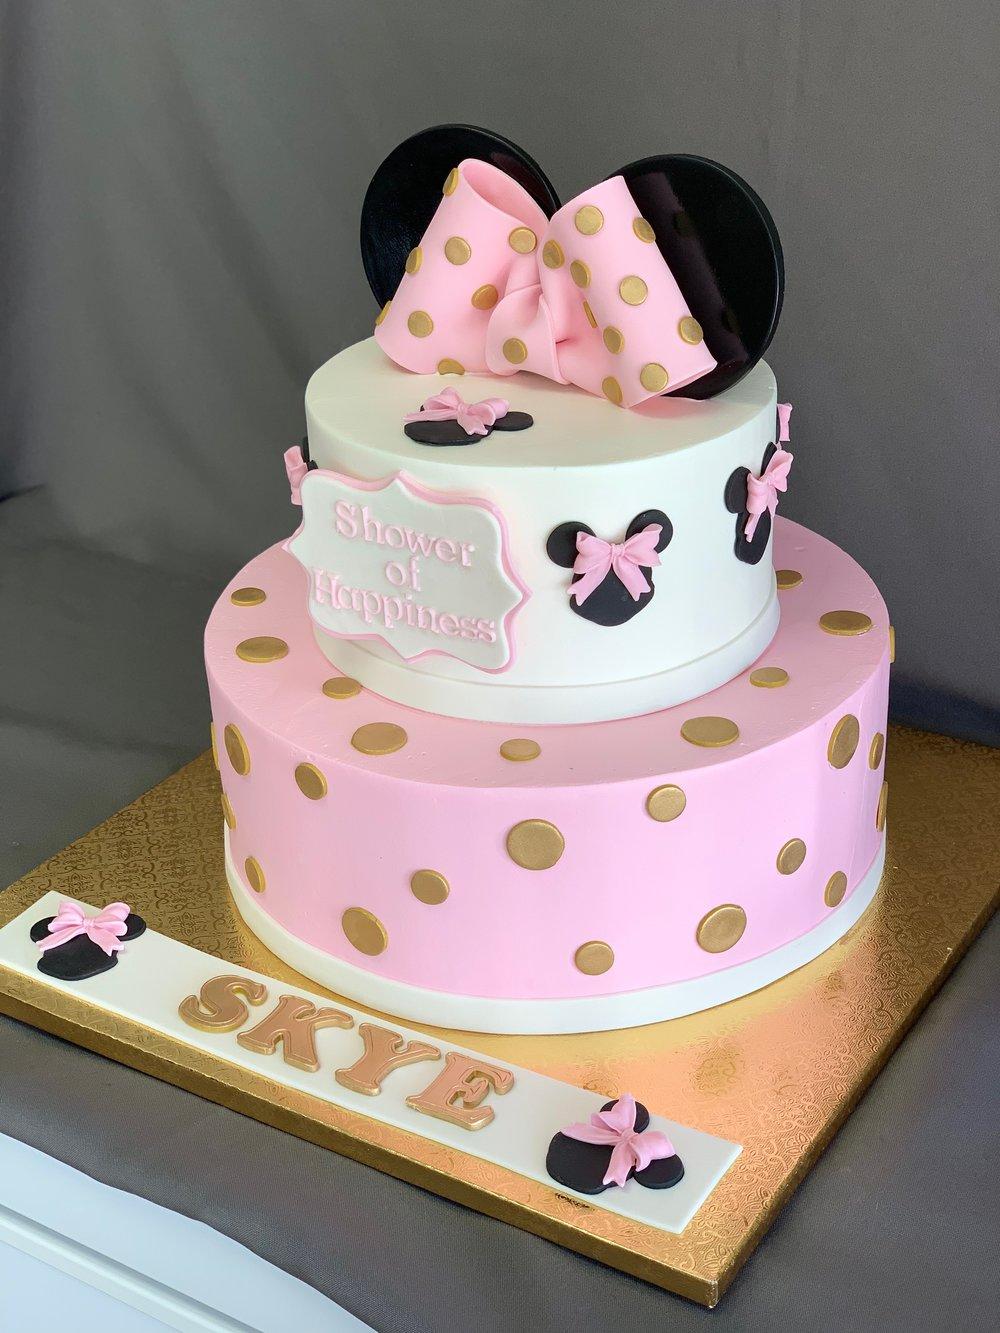 Best Baby Shower Cake